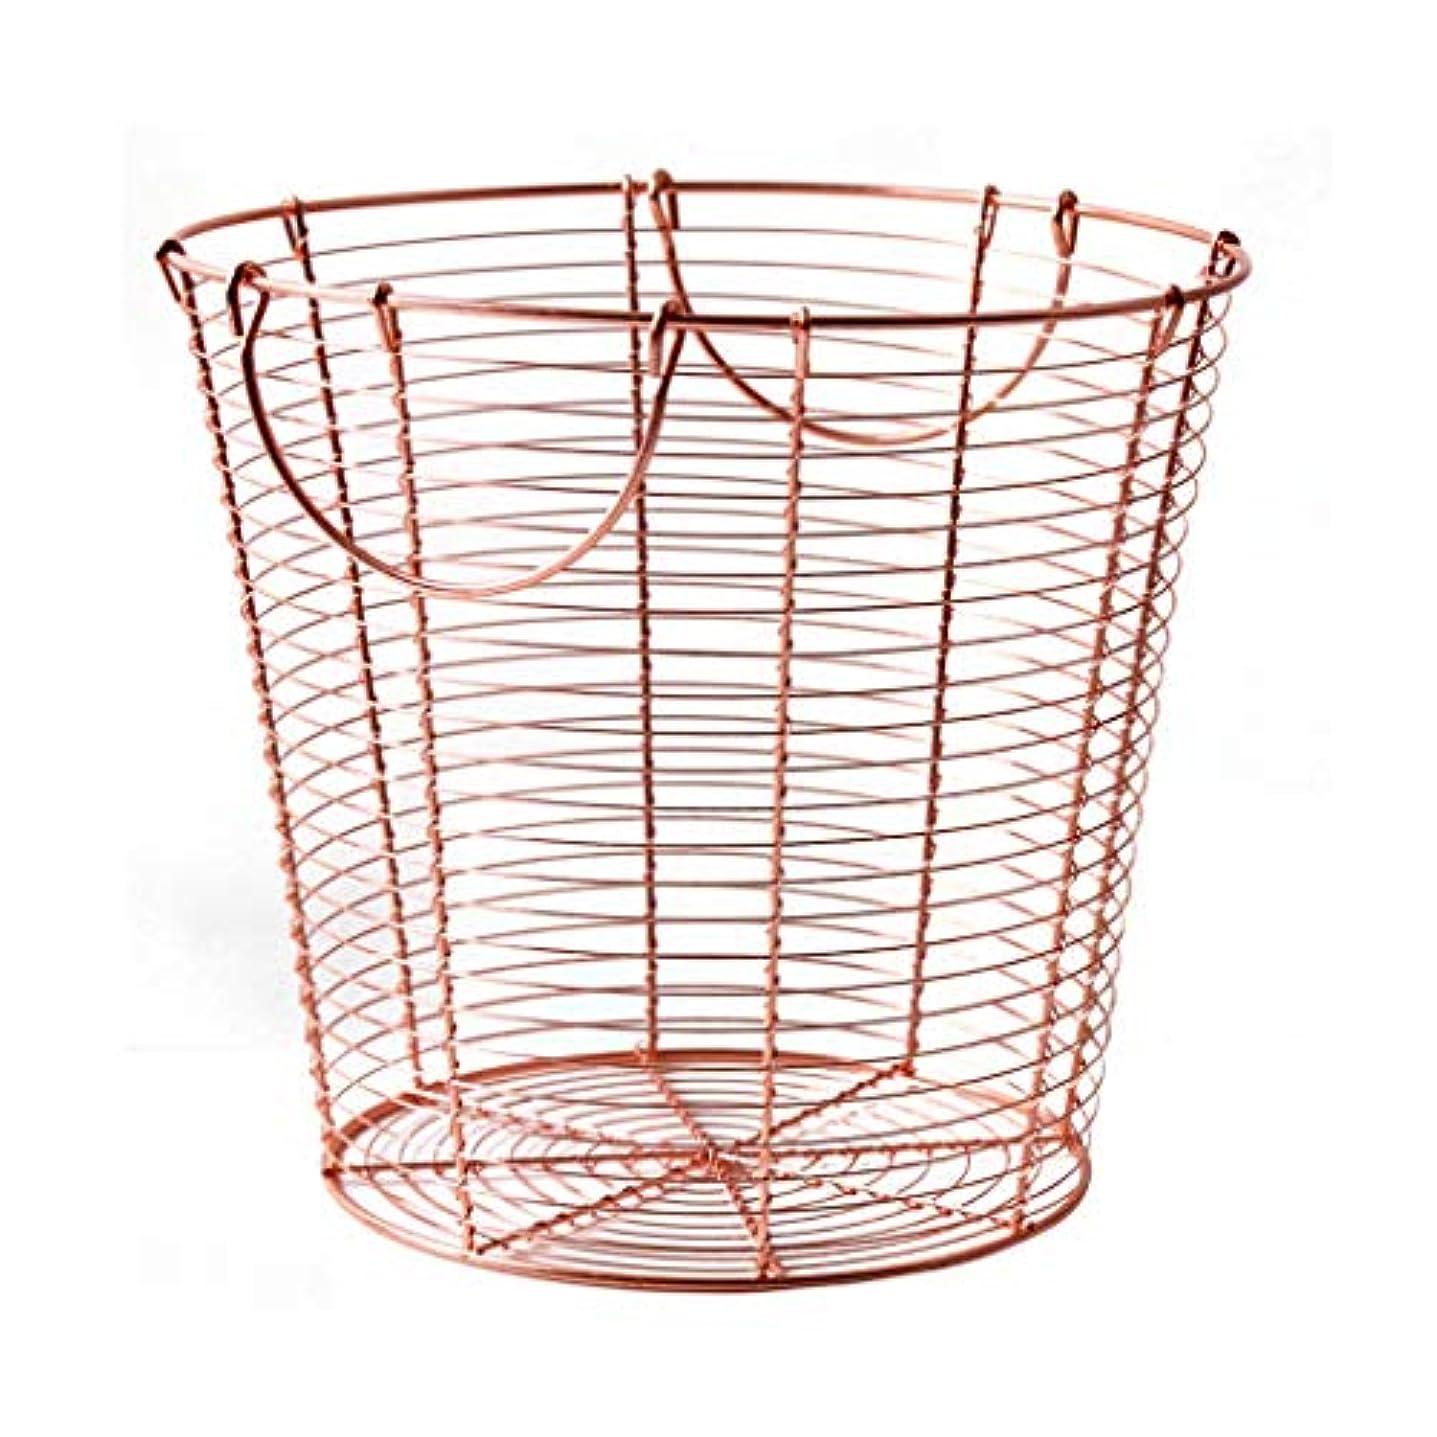 宅配便税金香水錬鉄製の収納バスケットの寝室の障害物、ハンドハンドルデザイン、ローズゴールド SMMRB